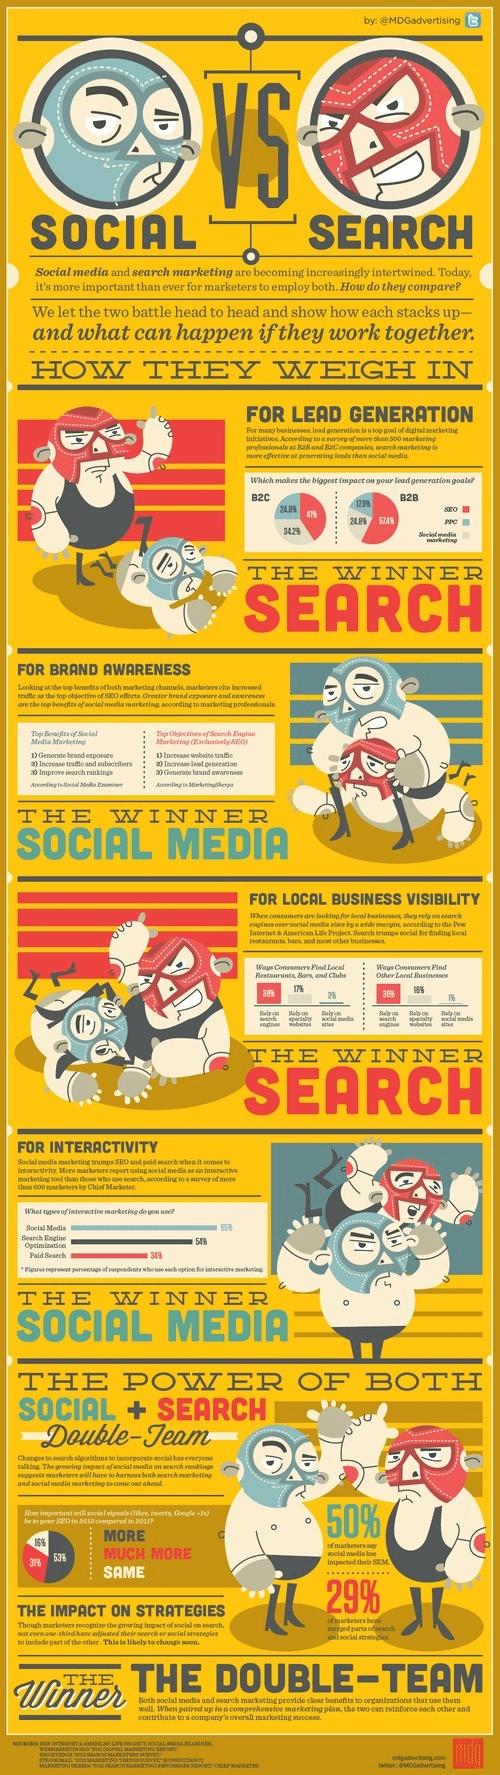 Social Media Marketing vs SEO Who Wins